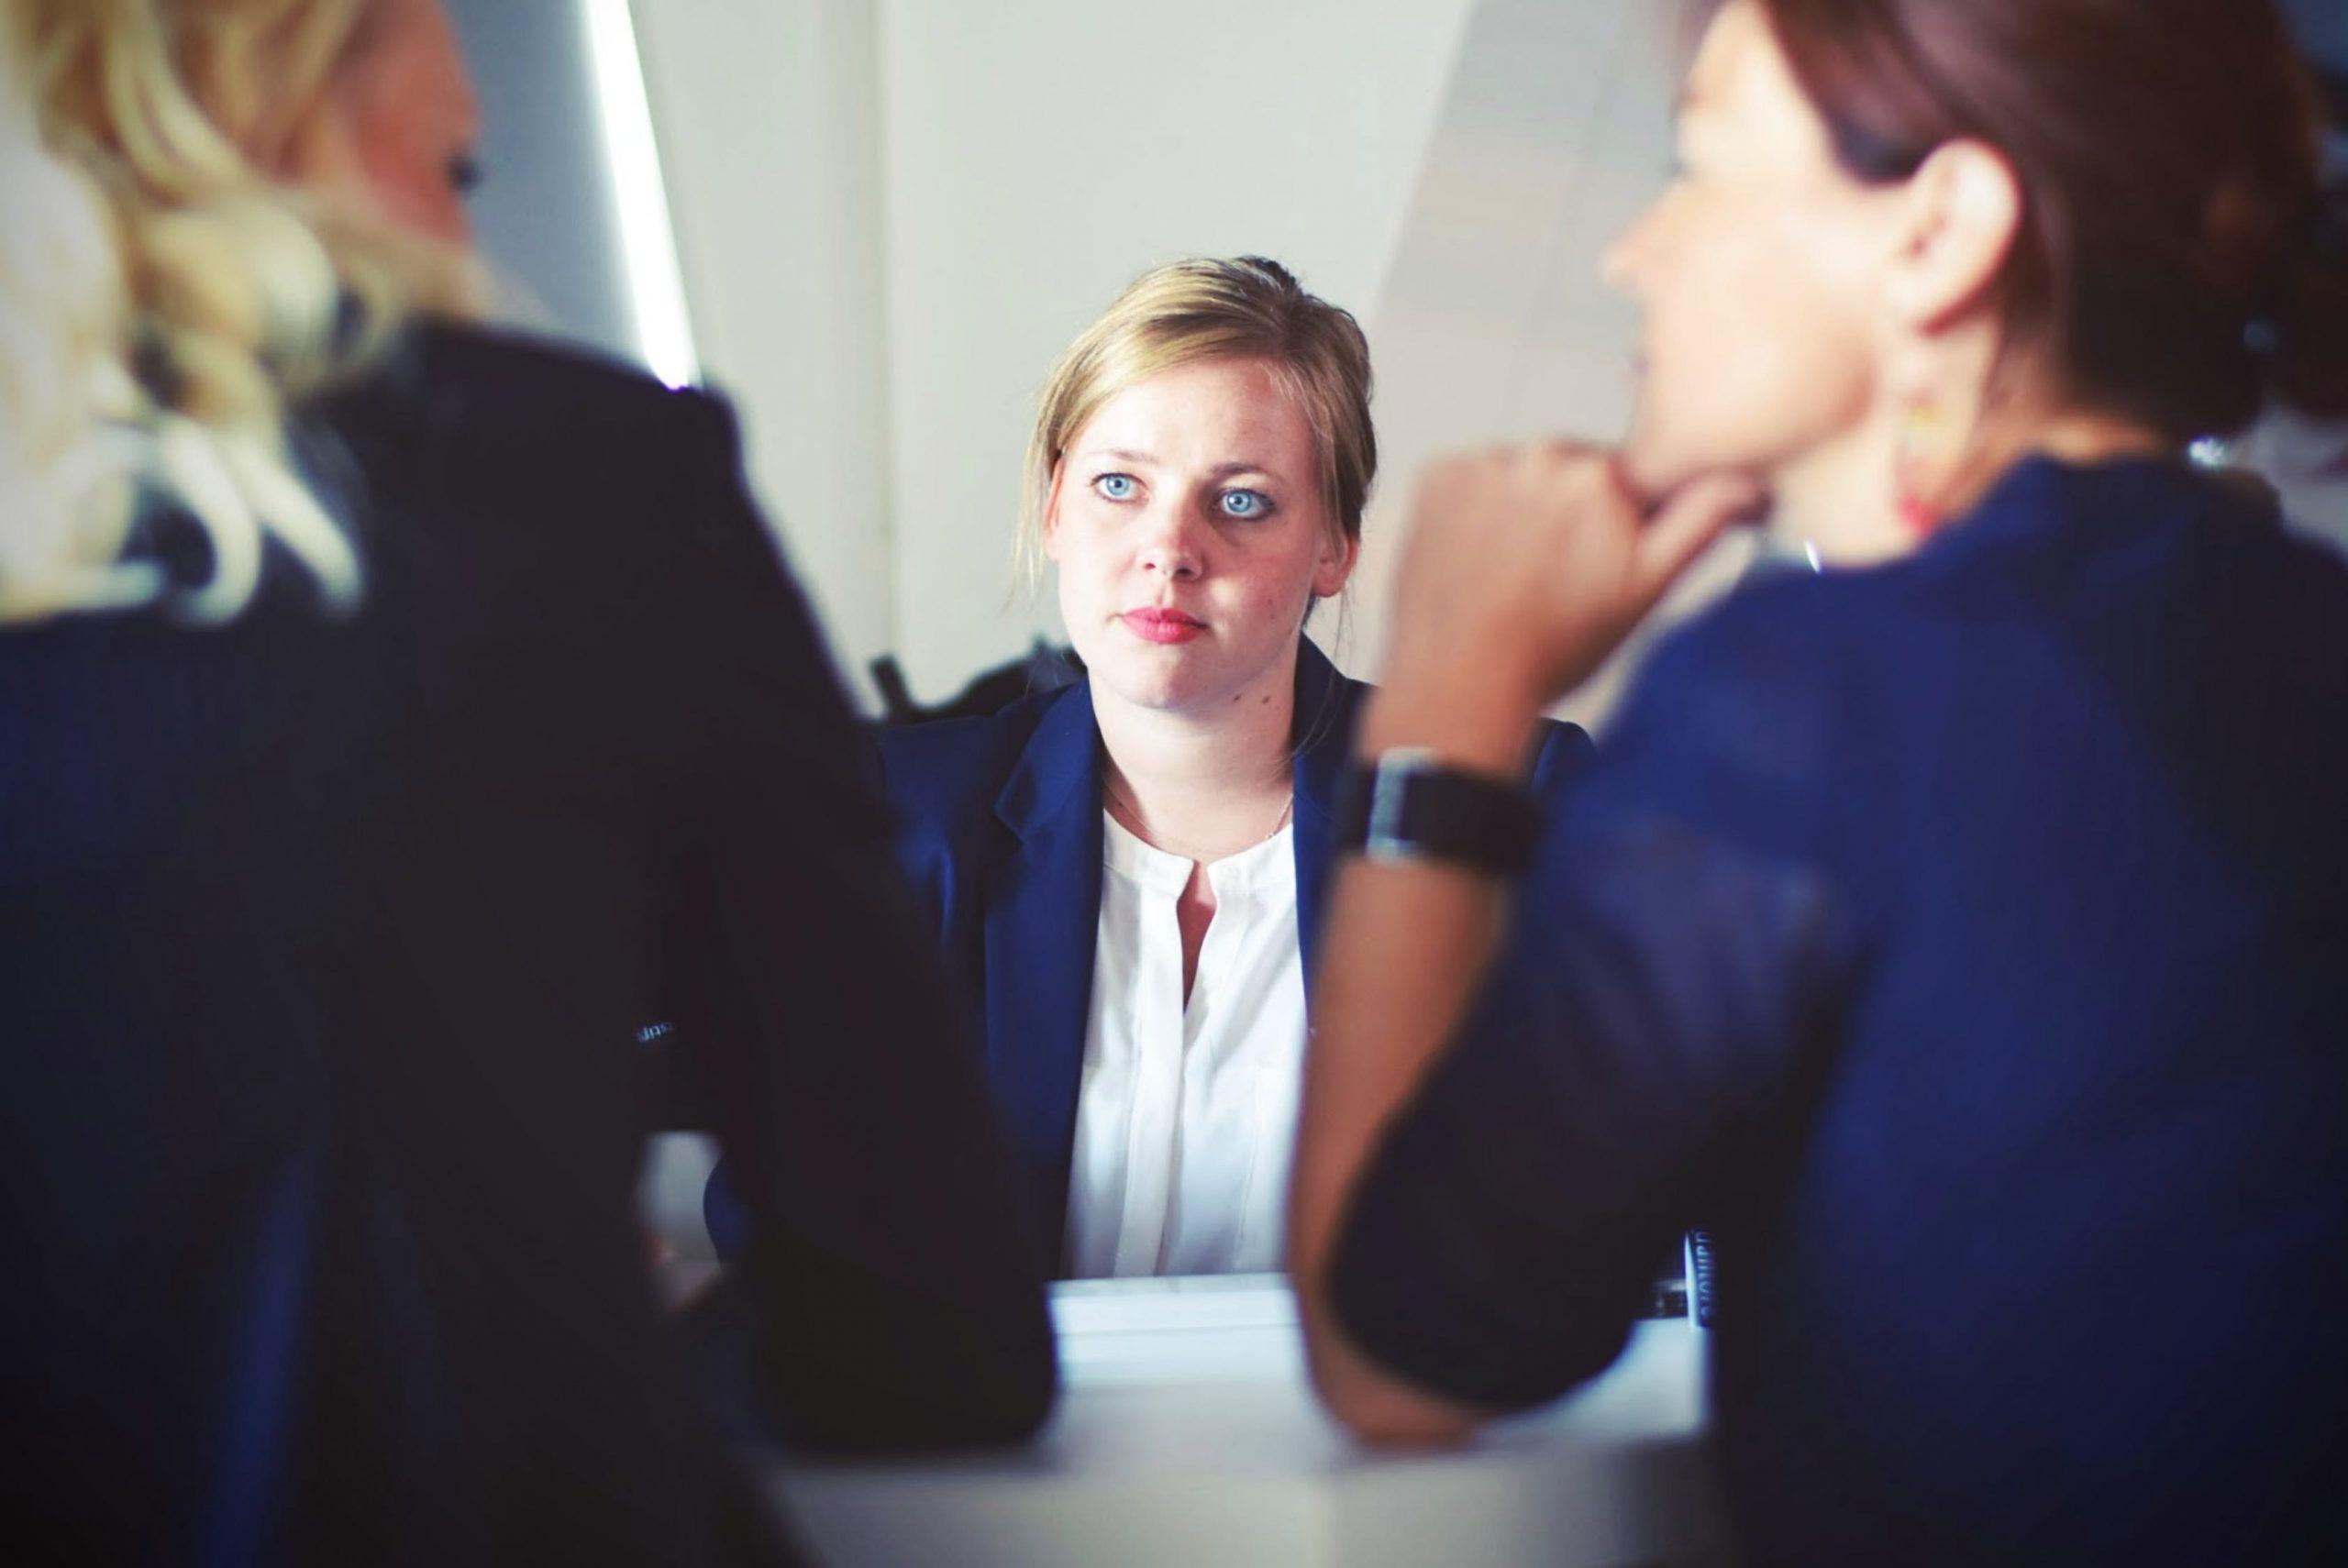 عوامل موثر بر رضایت مشتریان